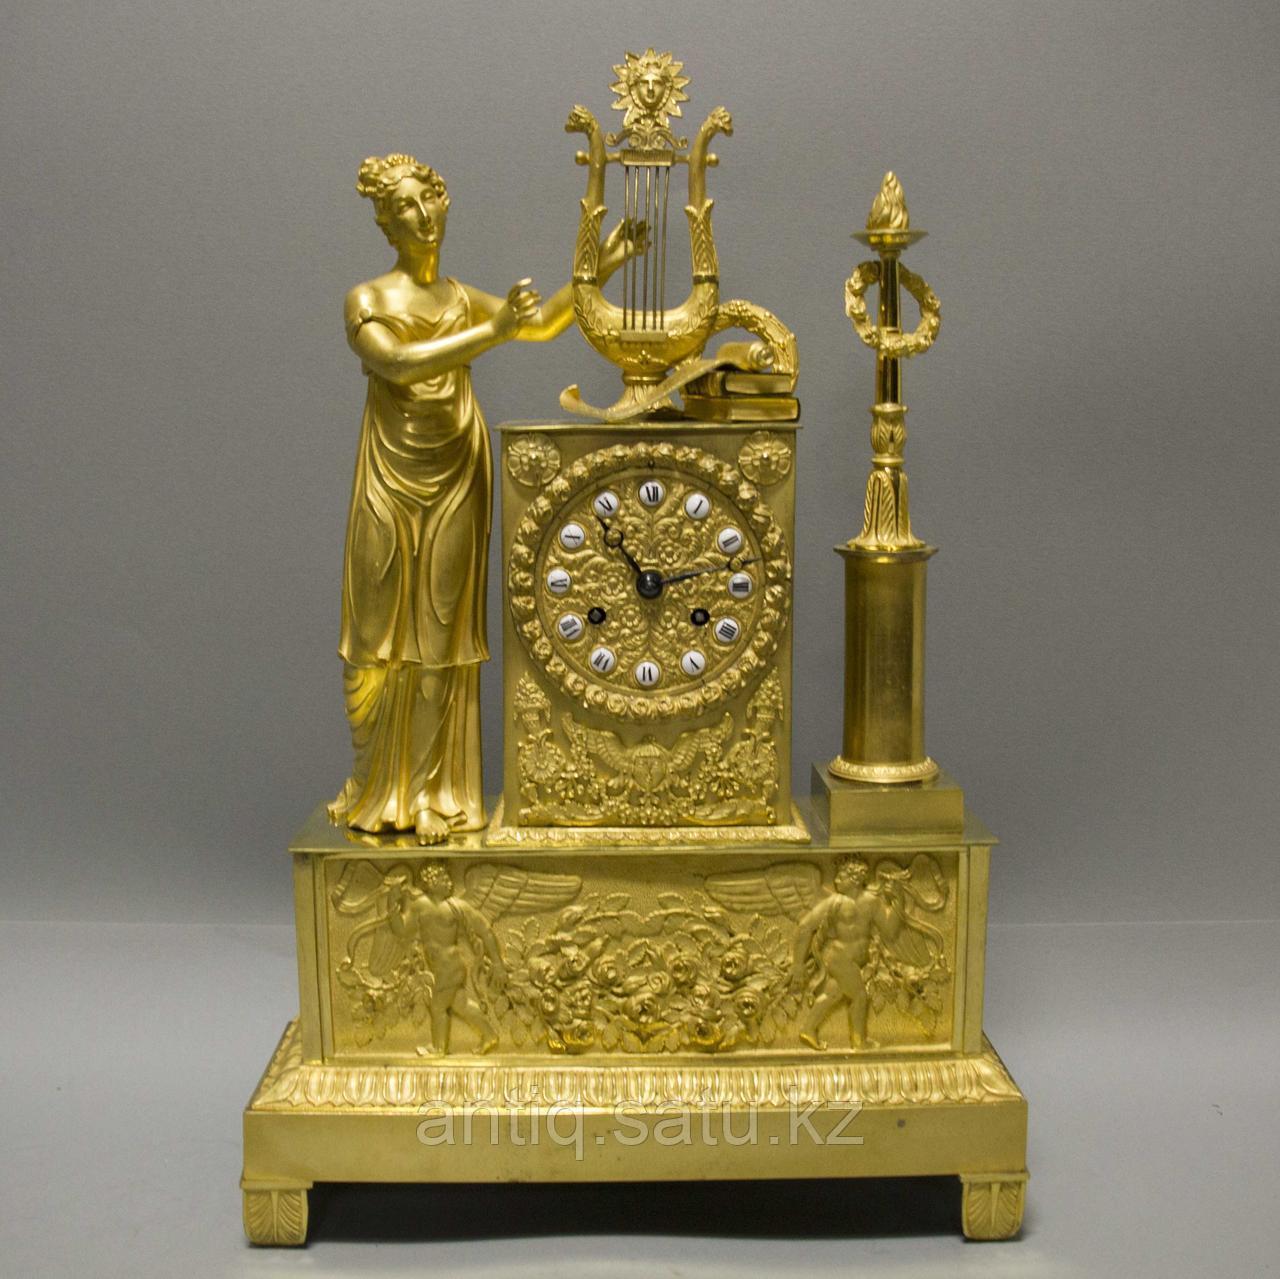 Кабинетные часы в стиле Ампир «Аллегория музыки» - фото 7